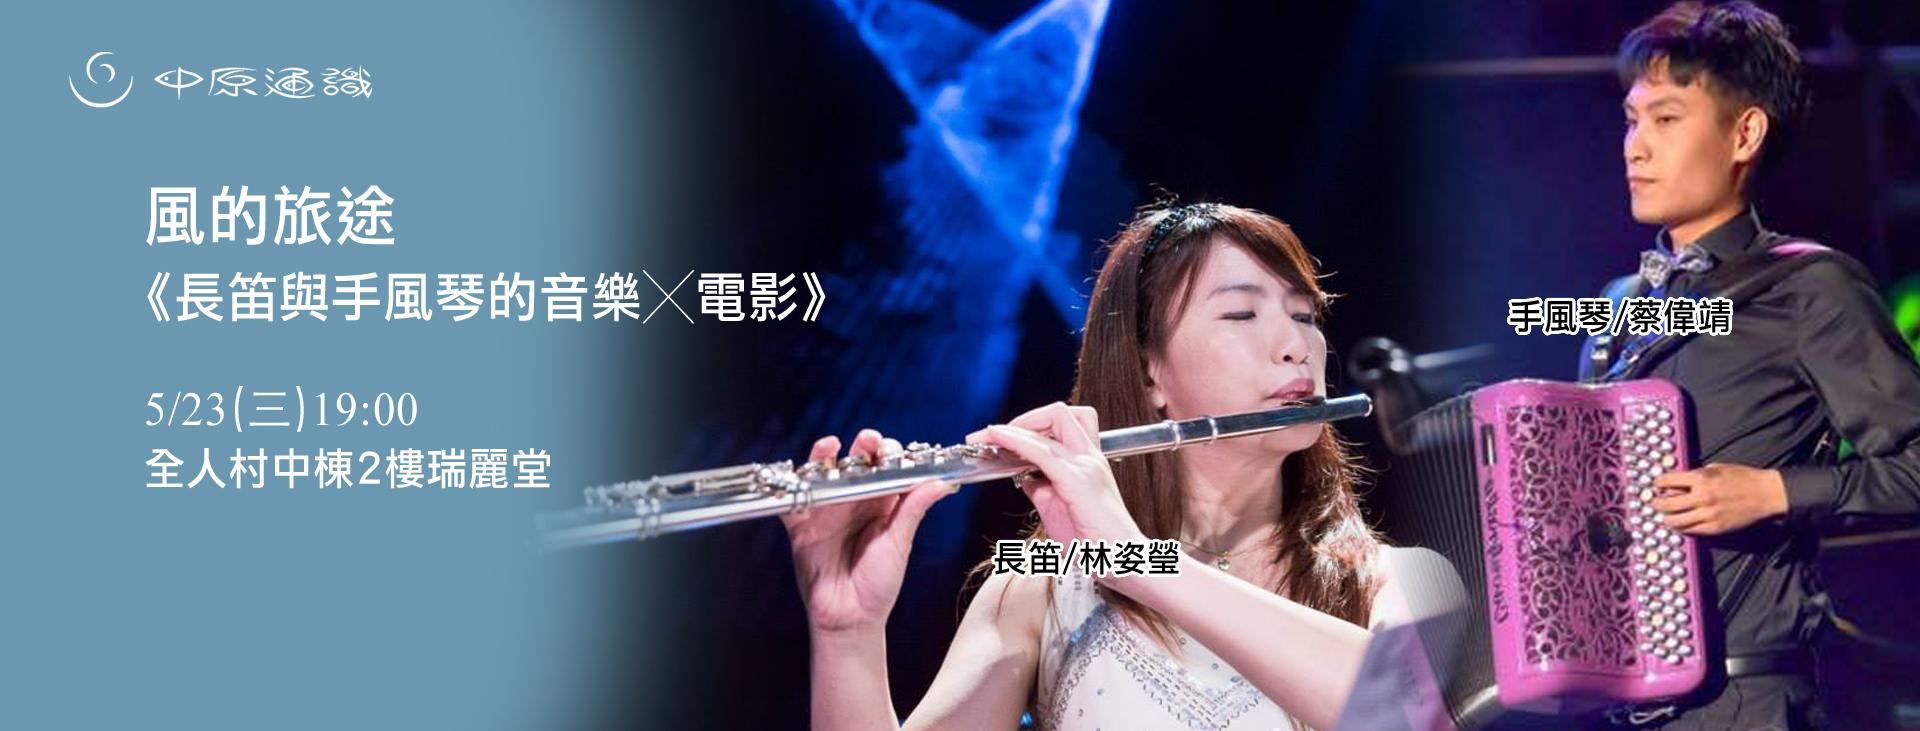 5/23《風的旅途 ─長笛與手風琴的音樂╳電影》